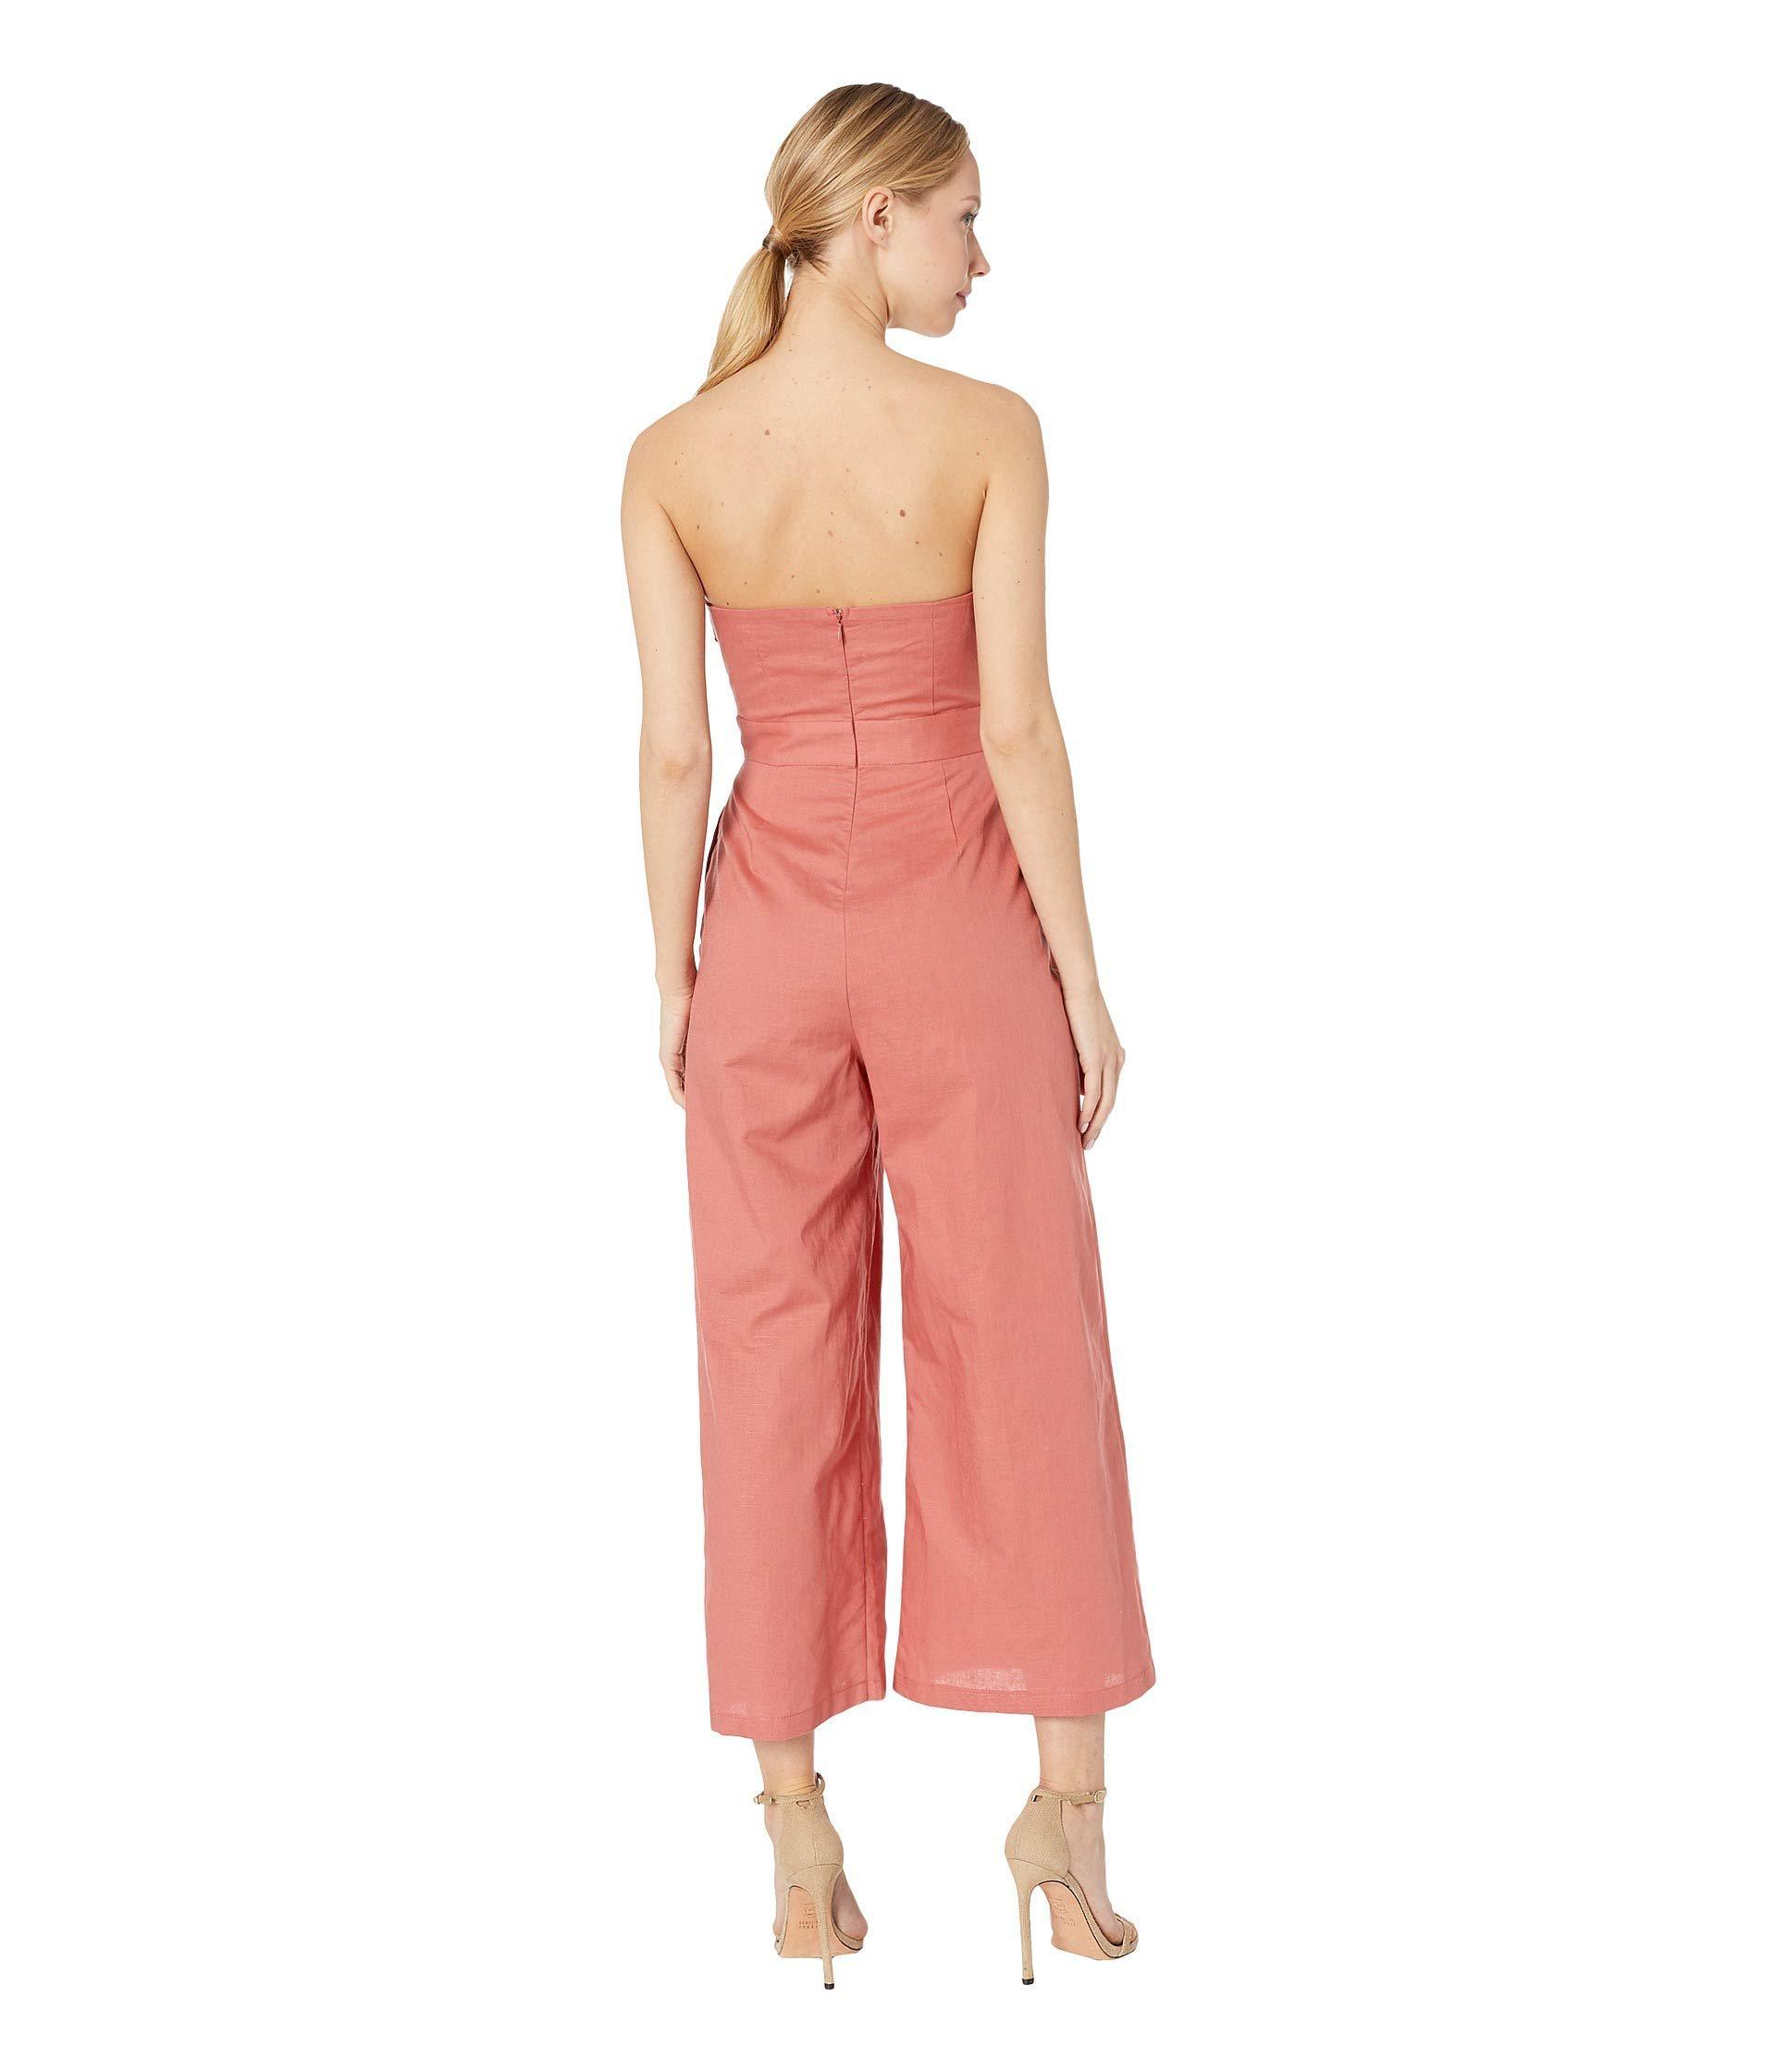 a1af98e4da8 Astr - Pink Mara Jumpsuit (black white Stripe) Women s Jumpsuit   Rompers  One. View fullscreen